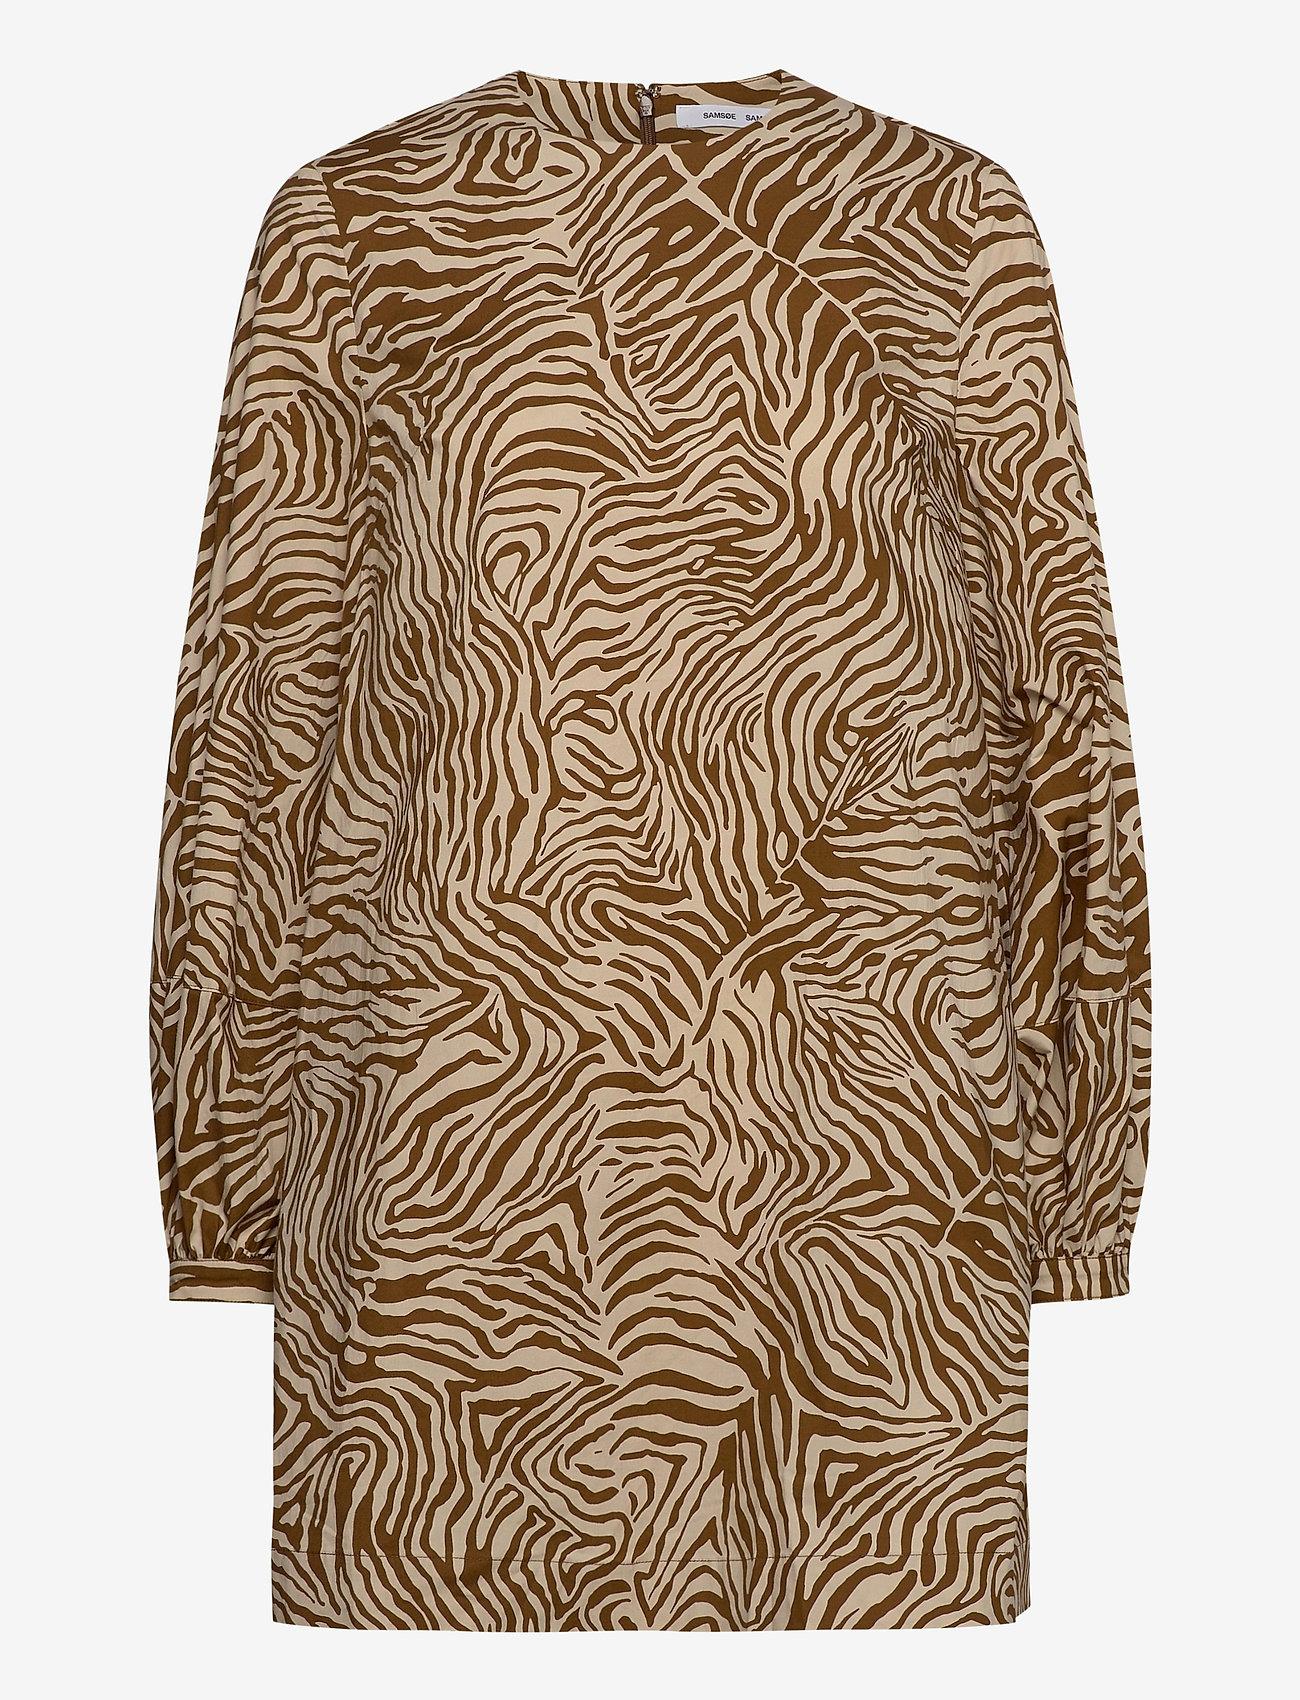 Samsøe Samsøe - Aram short dress aop 10783 - summer dresses - mountain zebra - 1